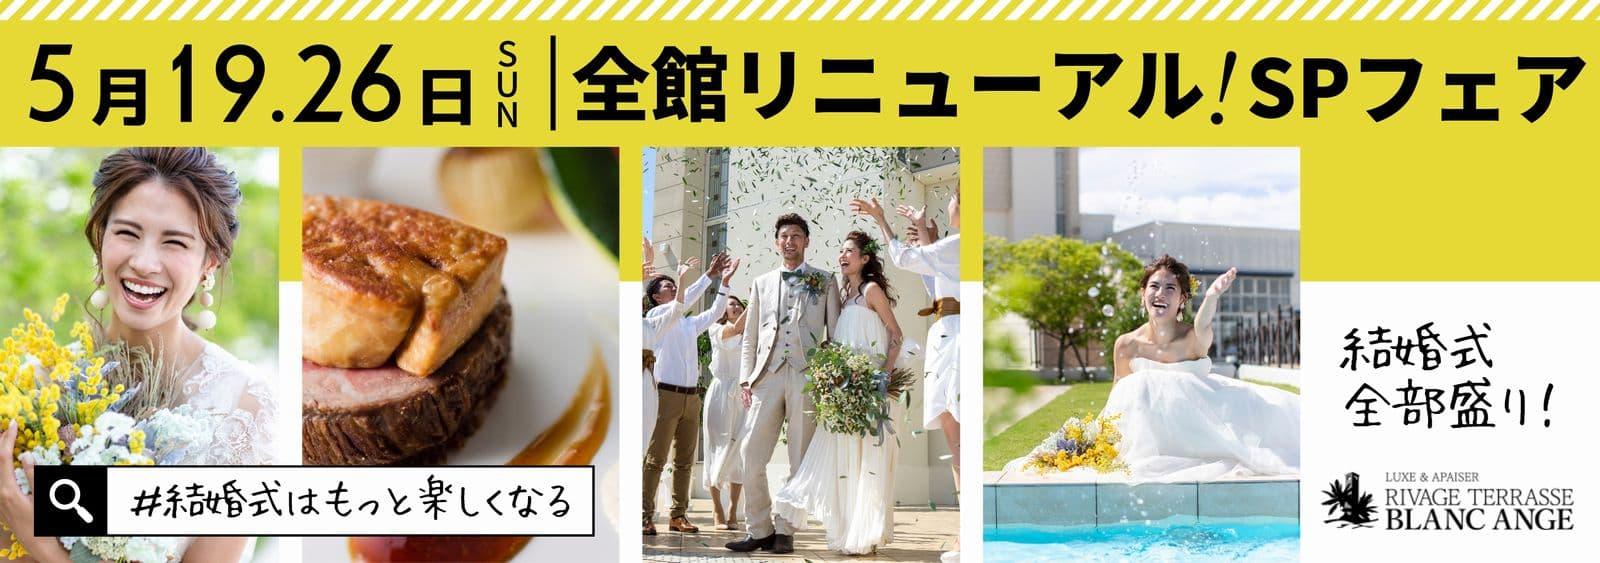 徳島市の結婚式場ブランアンジュのウエディングフェア